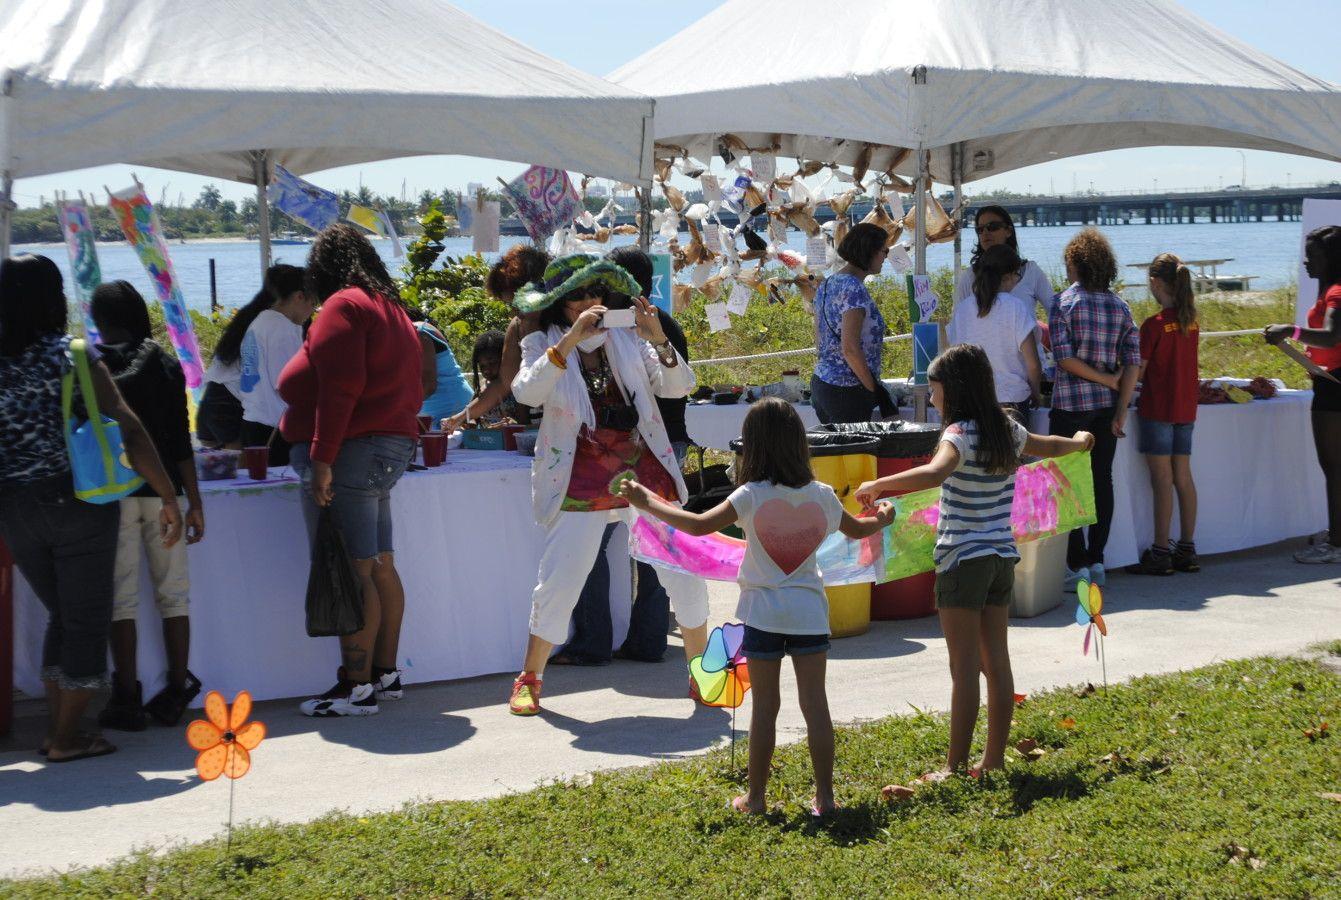 Annual ArtSea Festival @ HVKBP